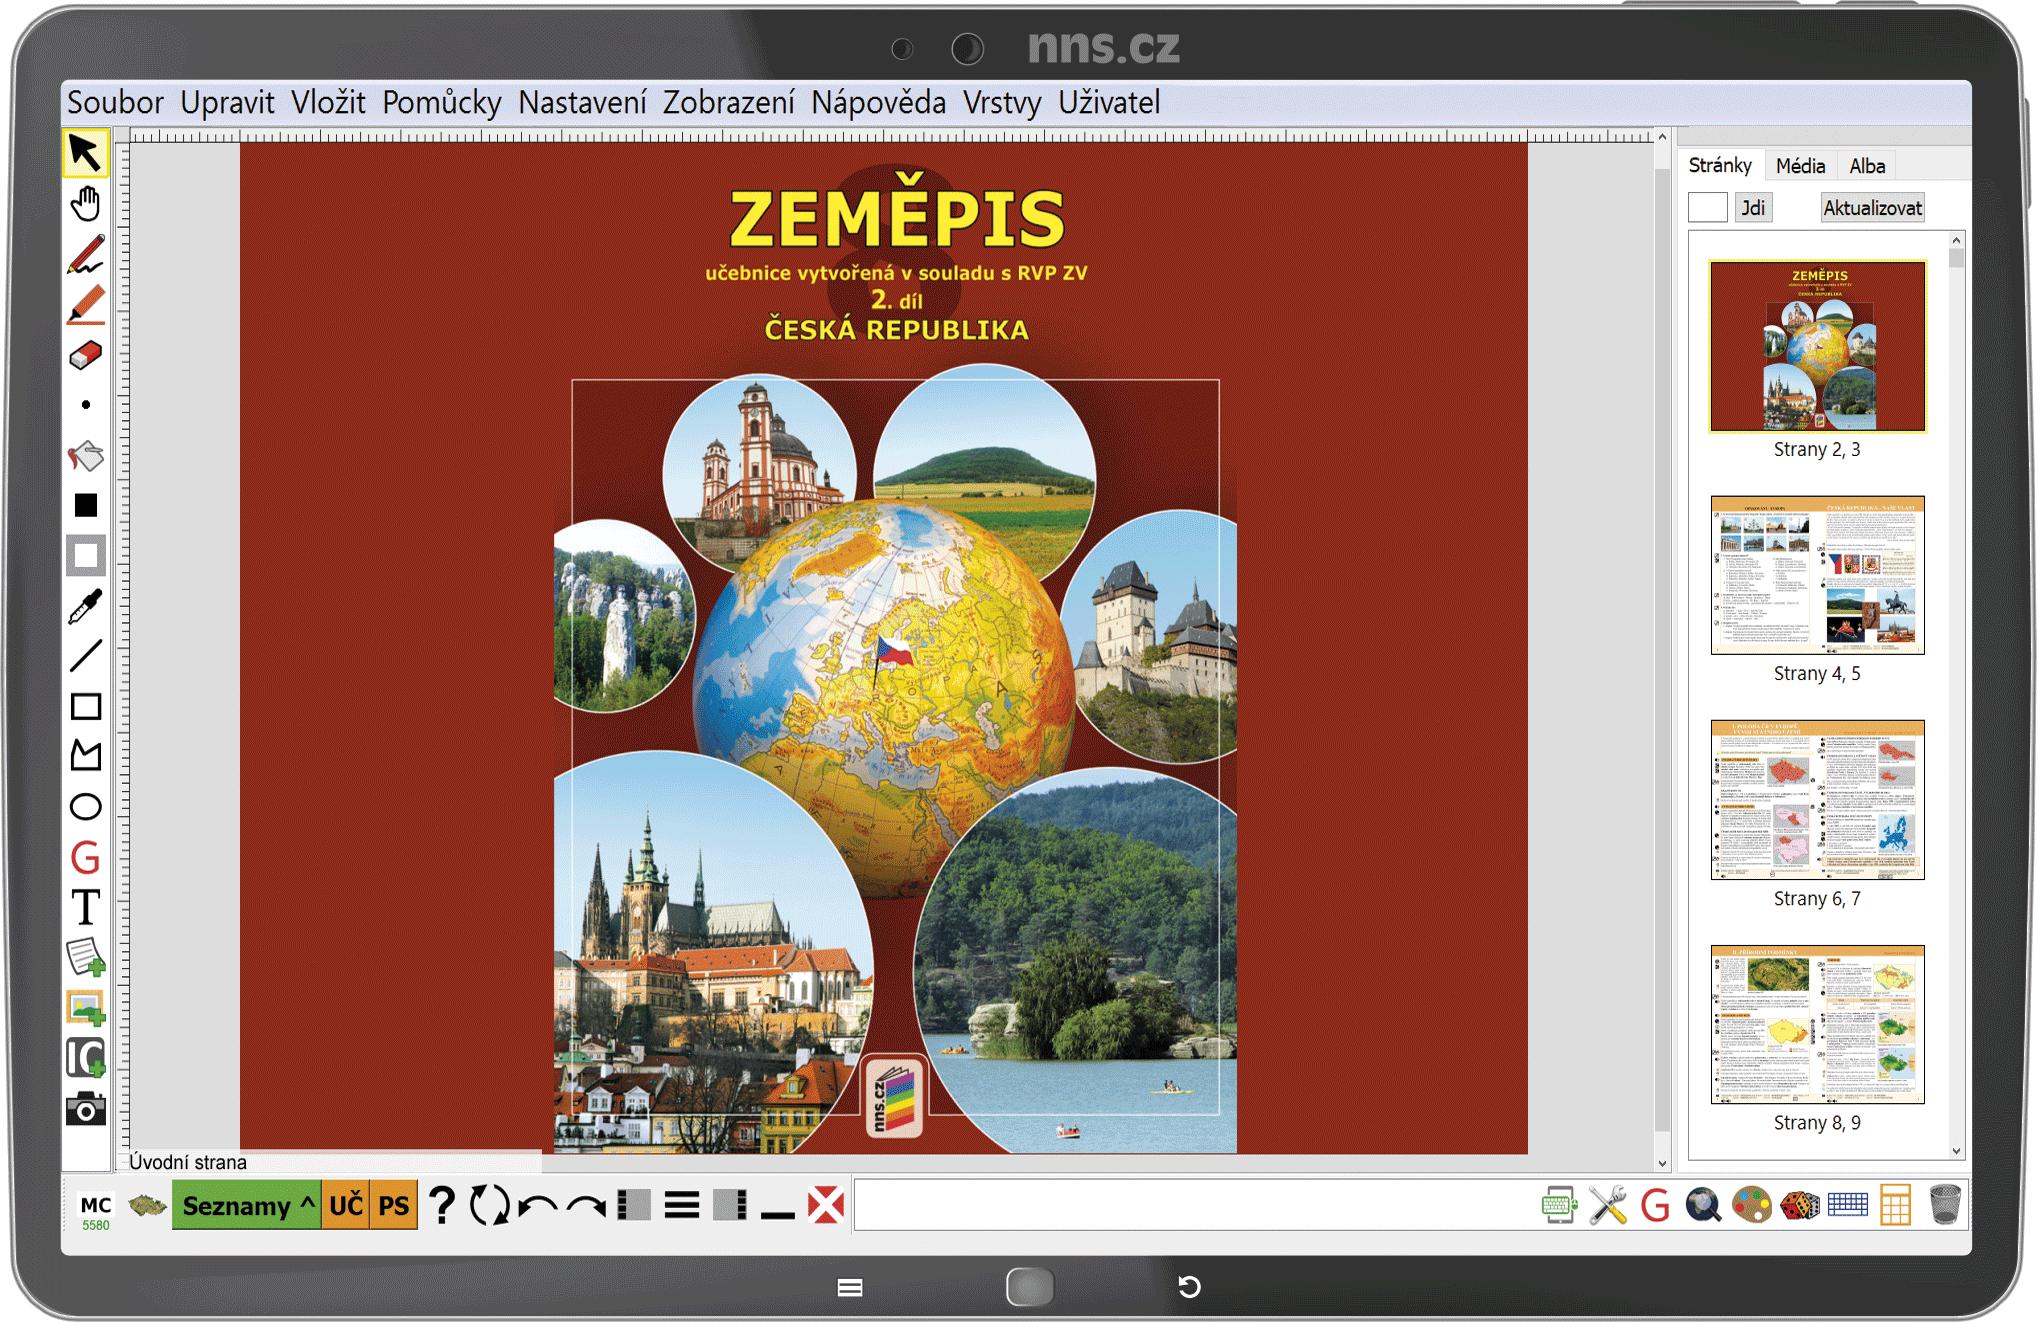 MIUč+ Zeměpis 8, 2. díl - Česká republika - šk. multilicence na 1 šk. rok